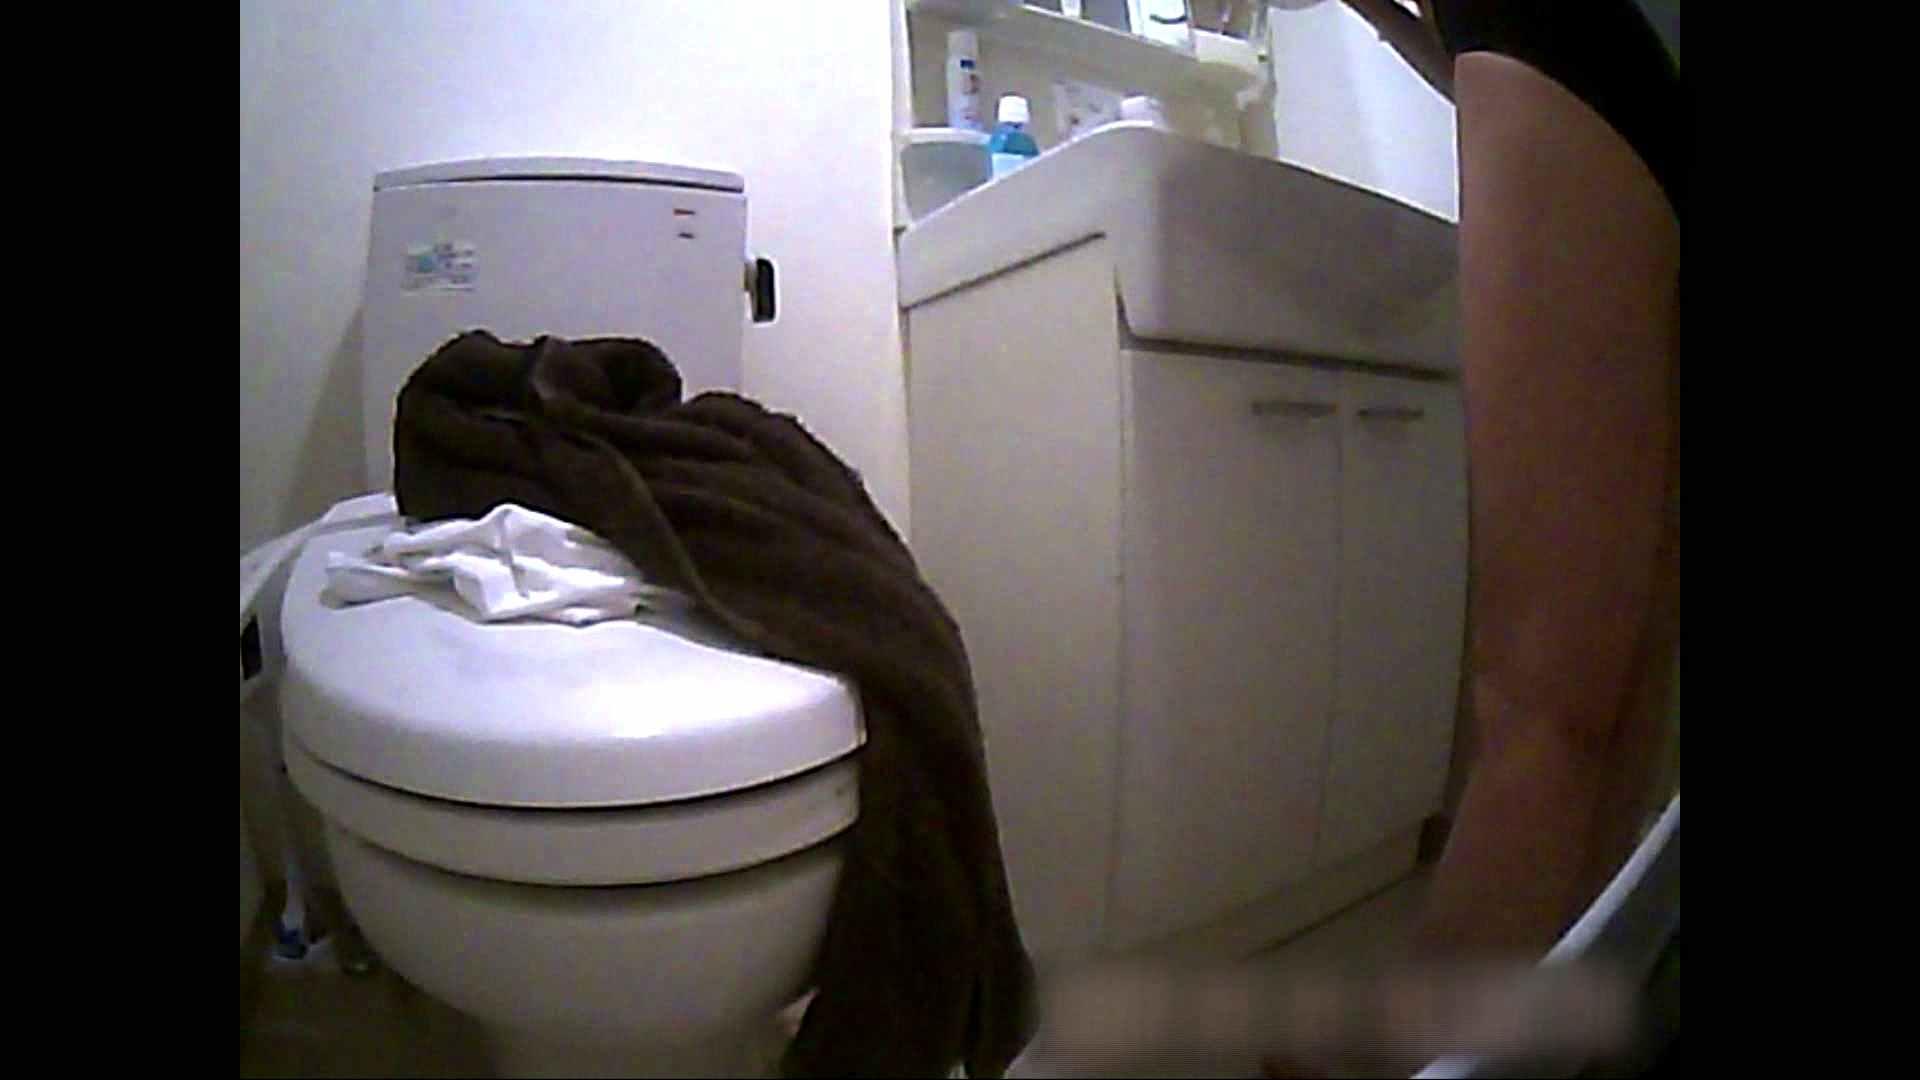 元気いっぱいノリノリ系なB子23歳(仮名)Vol.01 トイレ着替え編 トイレ | 着替えハメ撮り  73画像 65